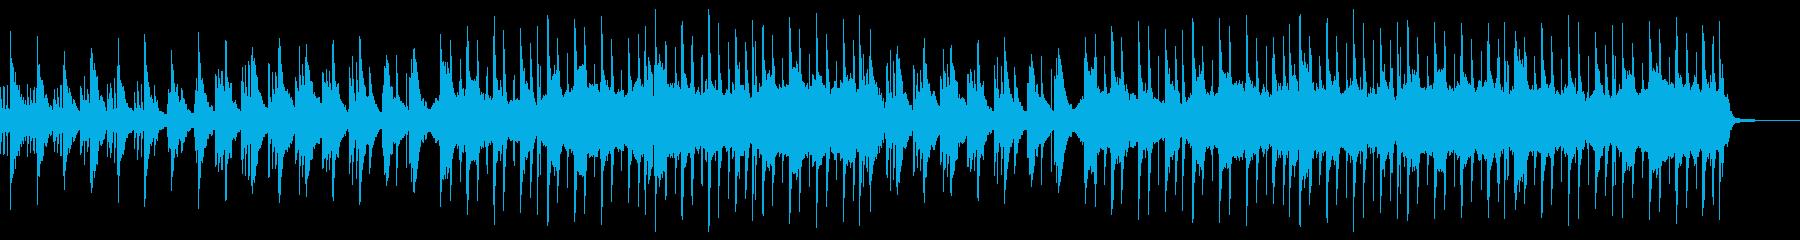 ゆったりと落ちついた和風曲の再生済みの波形